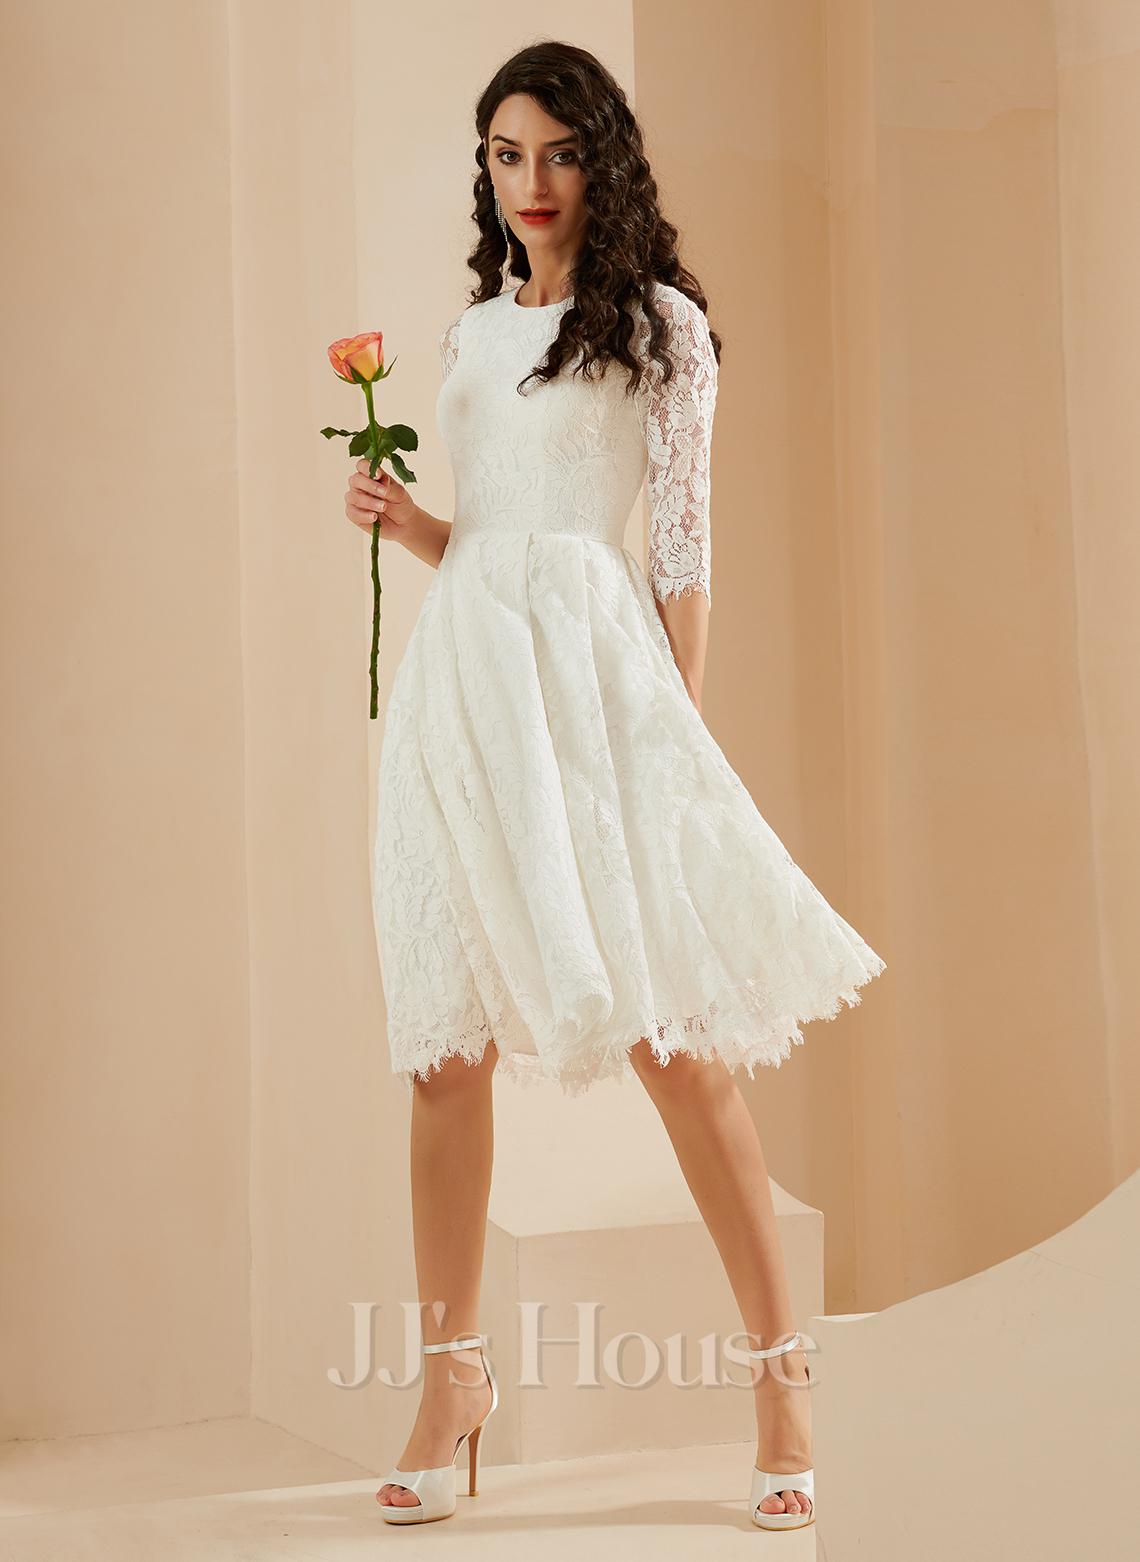 A-Line Knee-Length Wedding Dress